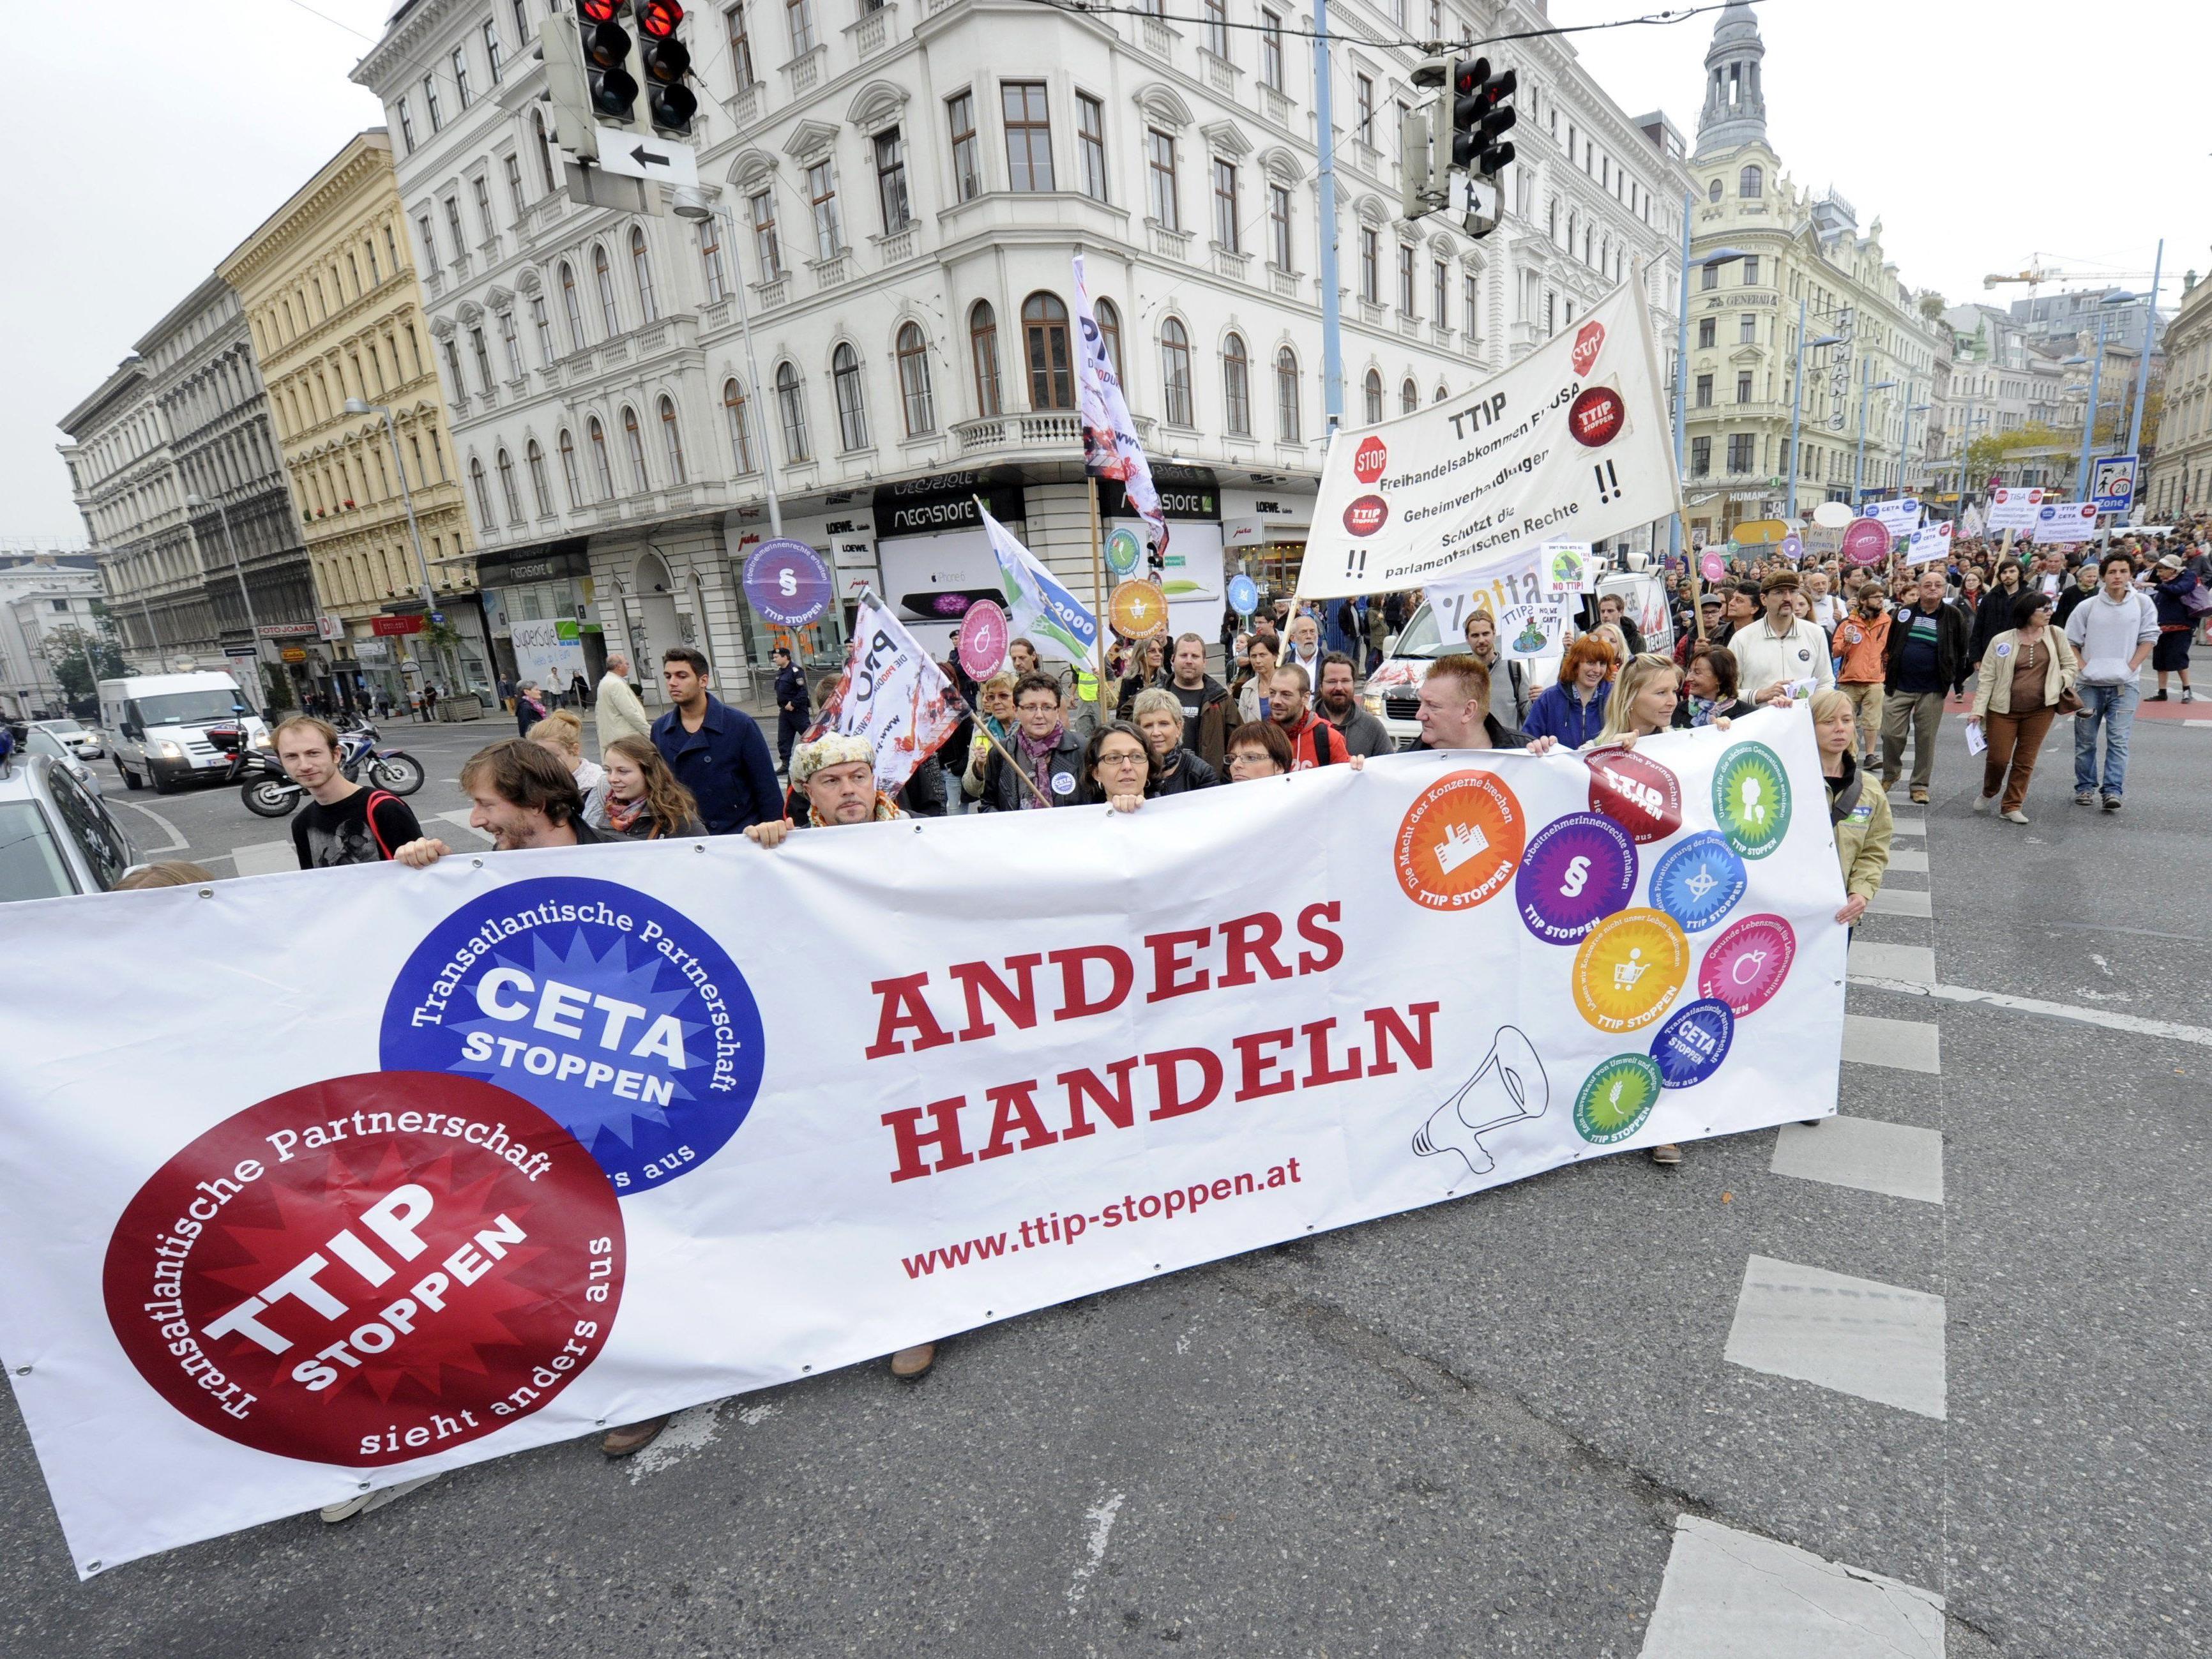 Teilnehmer des Aktionstags gegen Freihandelsabkommen am 11. Oktober 2014 in Wien